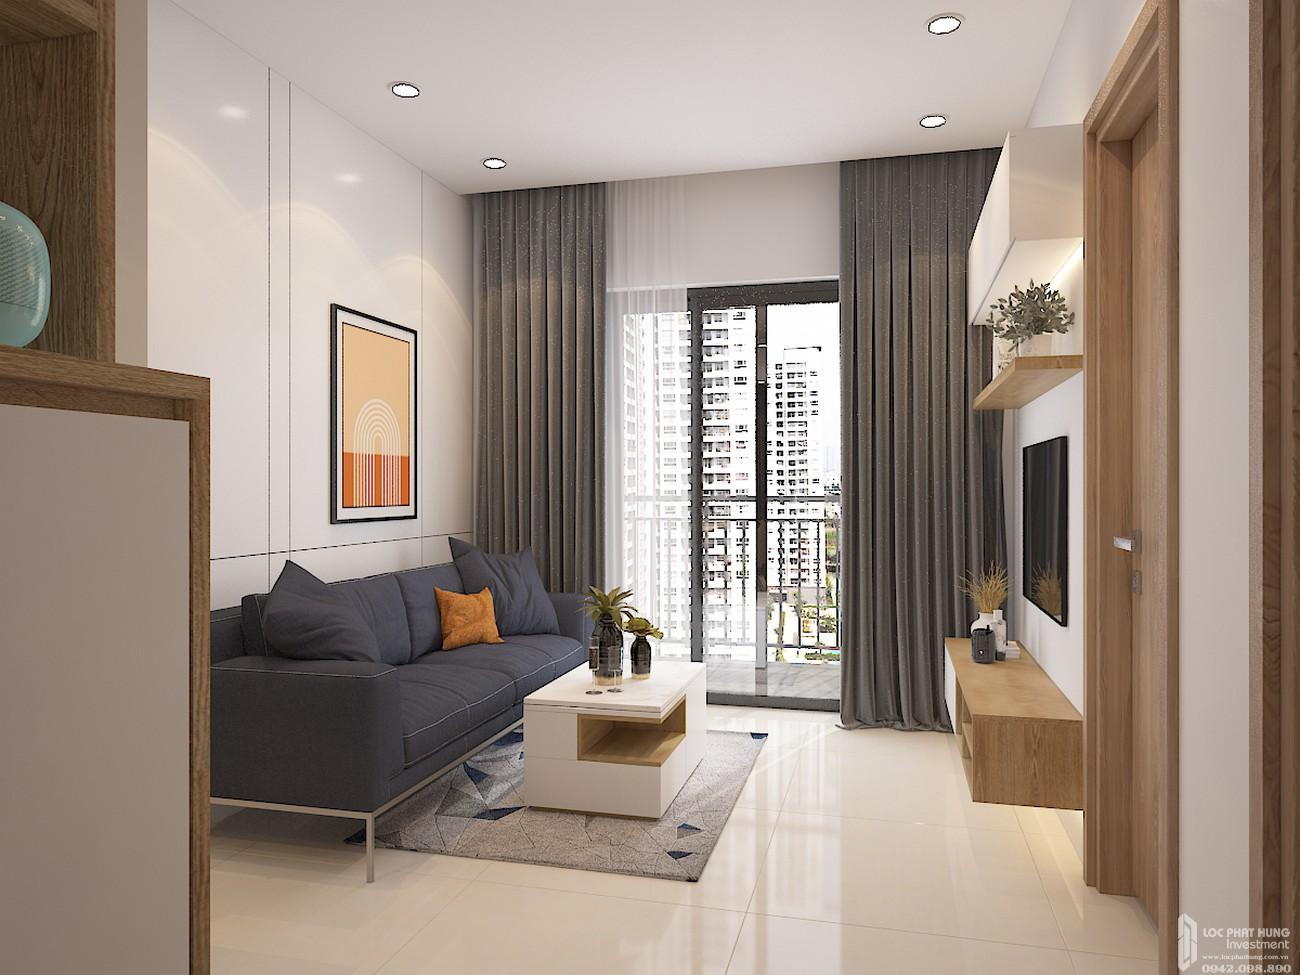 Nhà mẫu phòng khách căn 2-A1 dự án căn hộ chung cư Bcons Plaza Dĩ An Đường Thống Nhất chủ đầu tư Bcons mau Bcons Plaza